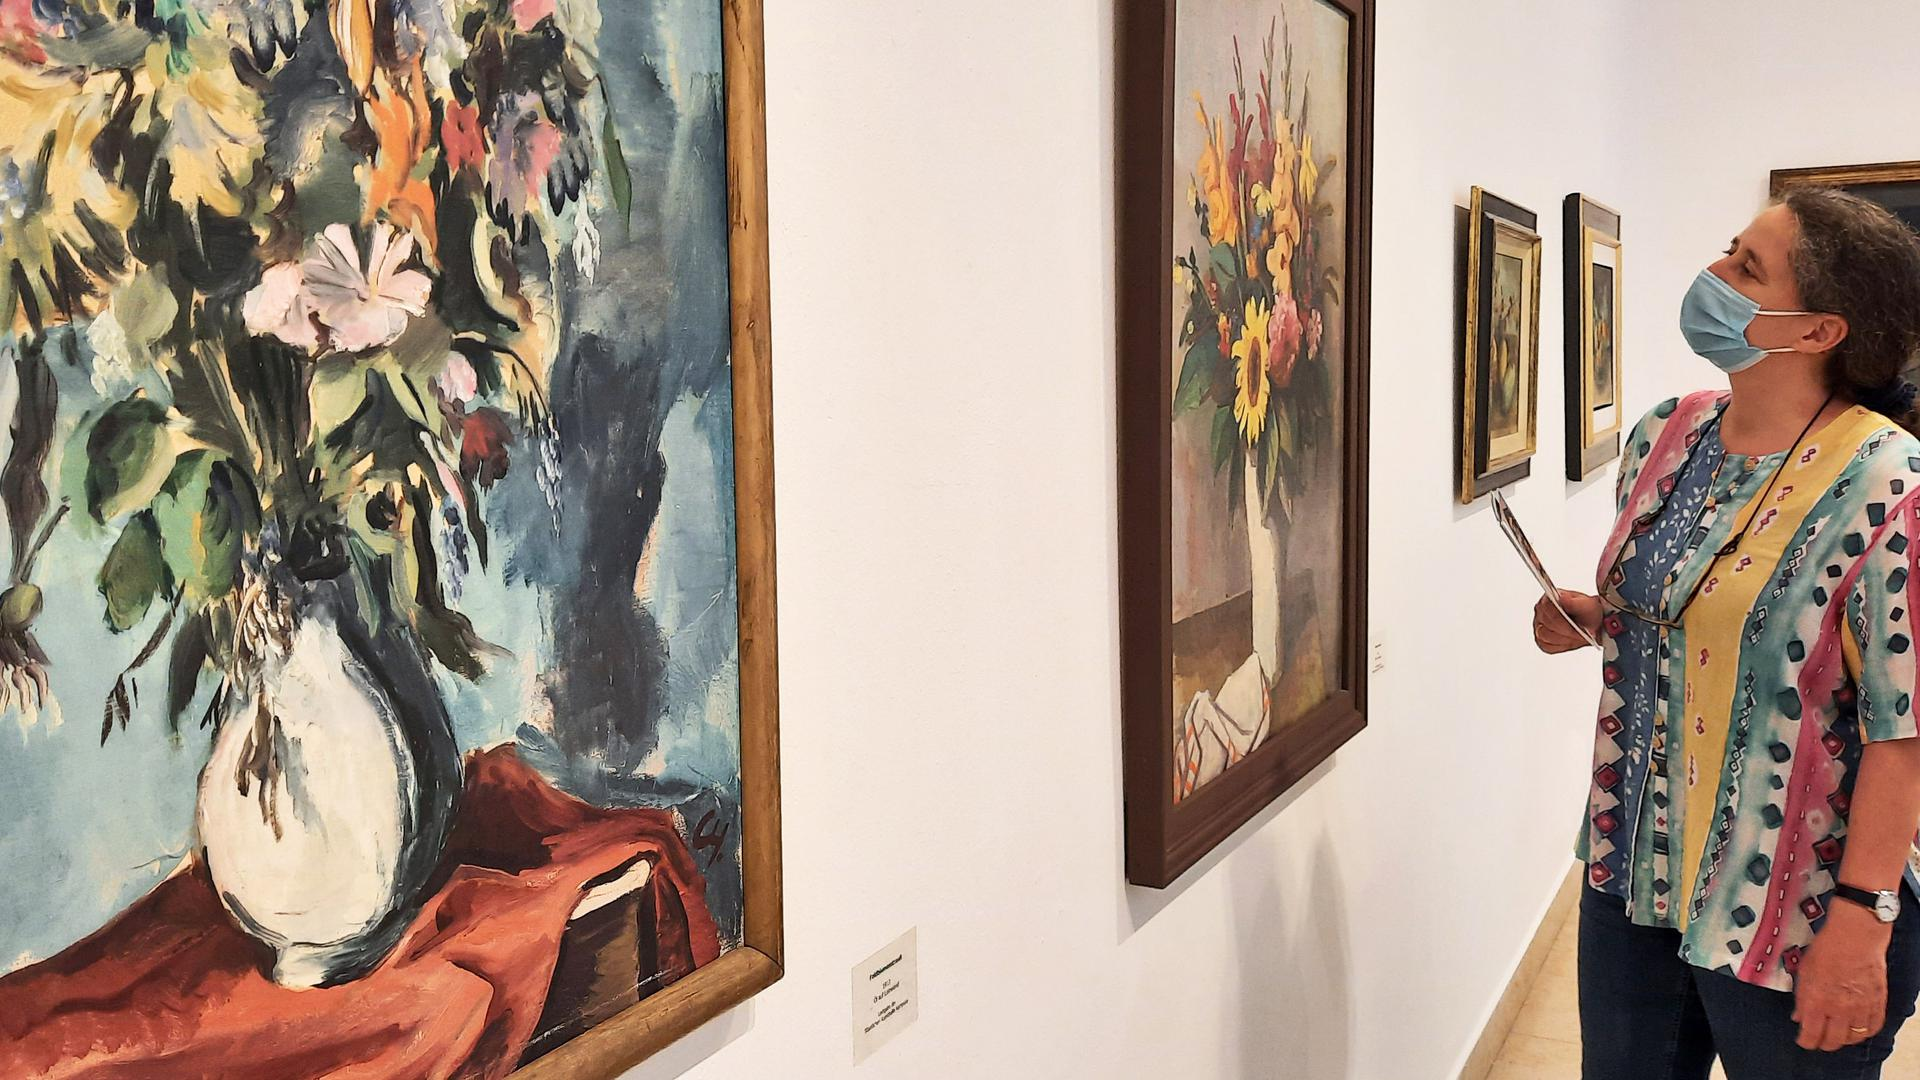 """Das Museum ermöglicht Zeit alleine: Tatjana Knüsel betrachtet das Bild """"Blumenstrauß"""" von Karl Hofer im Stadtmuseum. Spontan ging sie am Sonntagvormittag das erste Mal seit Monaten wieder ins Ettlinger Museum."""